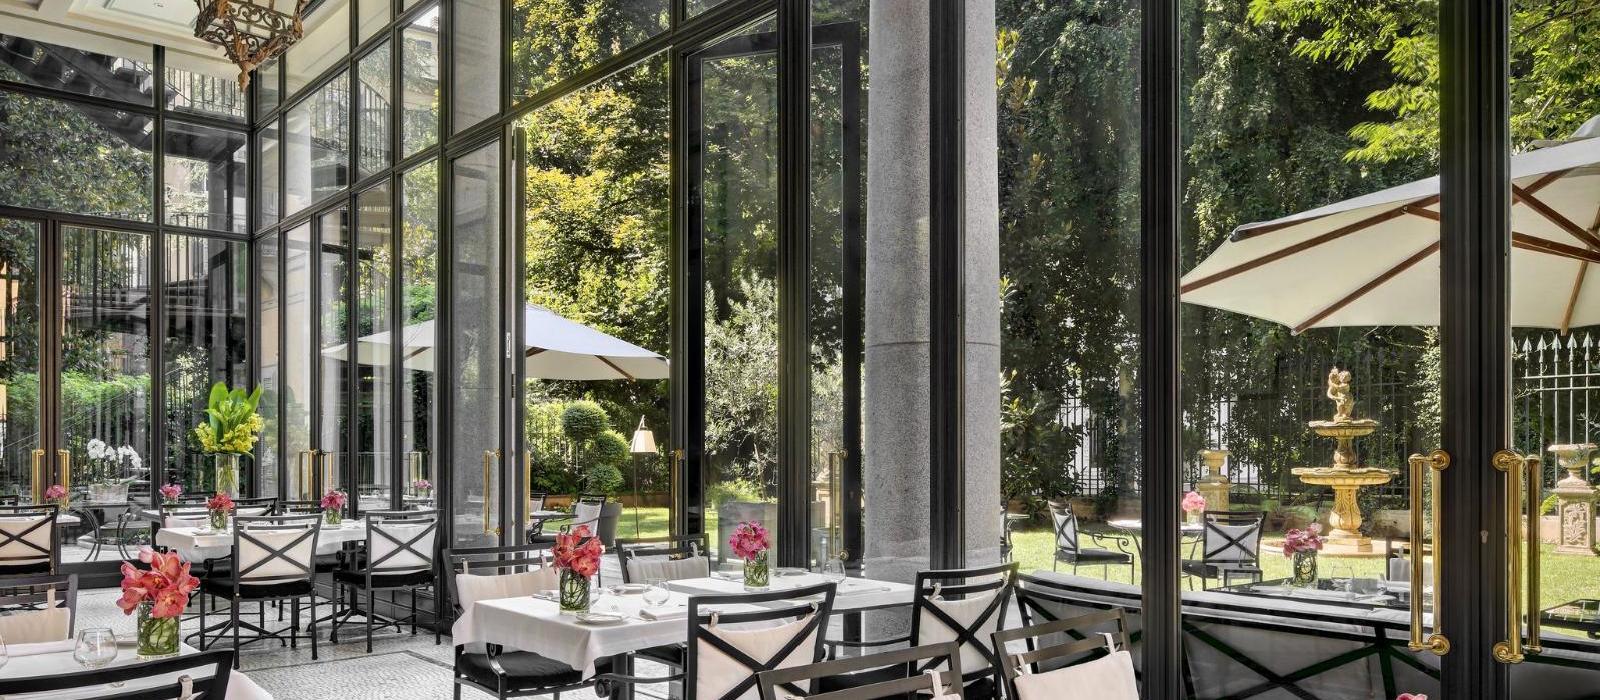 米兰巴黎宫水疗酒店(Palazzo Parigi Hotel & Grand Spa) 图片  www.lhw.cn